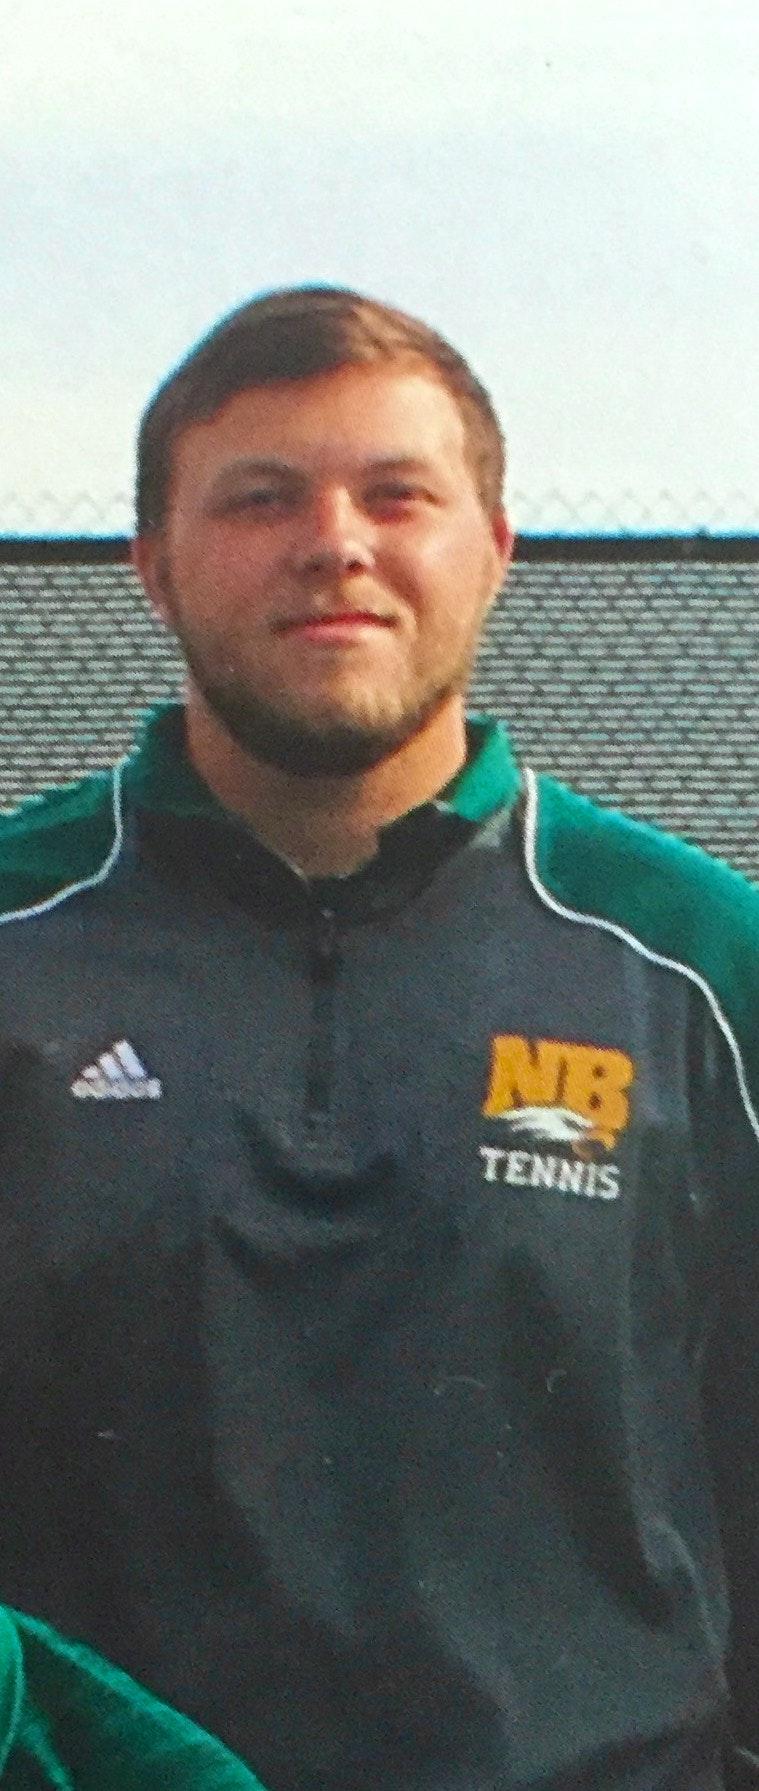 Tj B. teaches tennis lessons in Louisville, KY